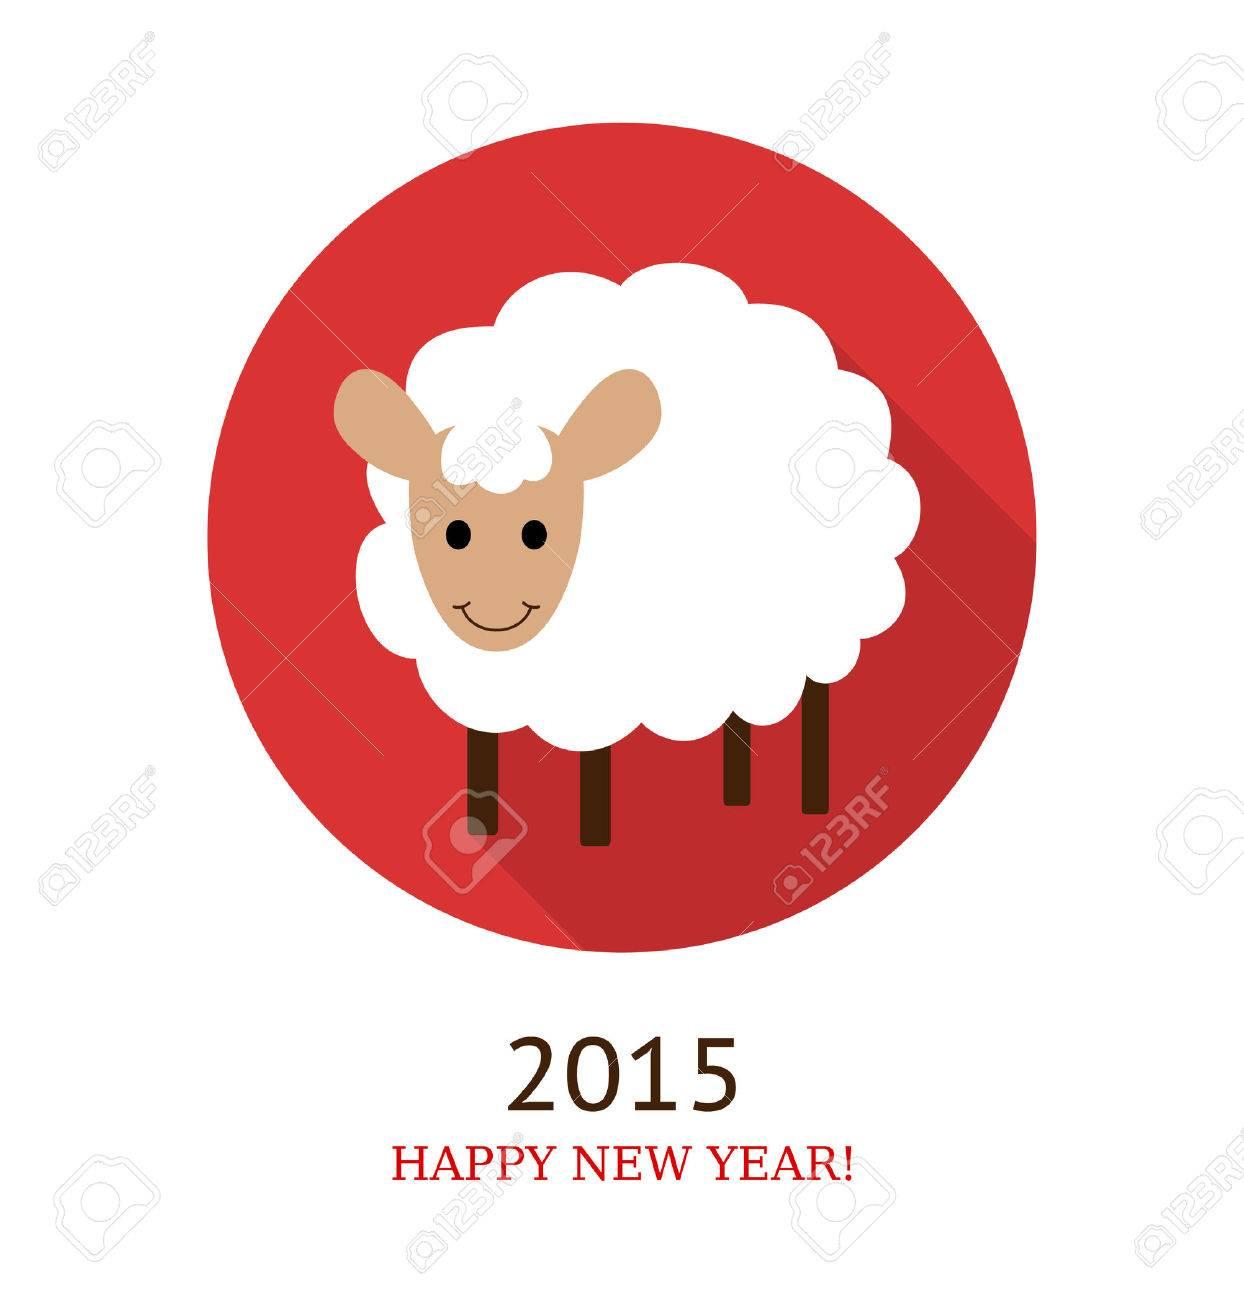 羊 15 年のシンボルのイラスト フラット スタイル のイラスト素材 ベクタ Image